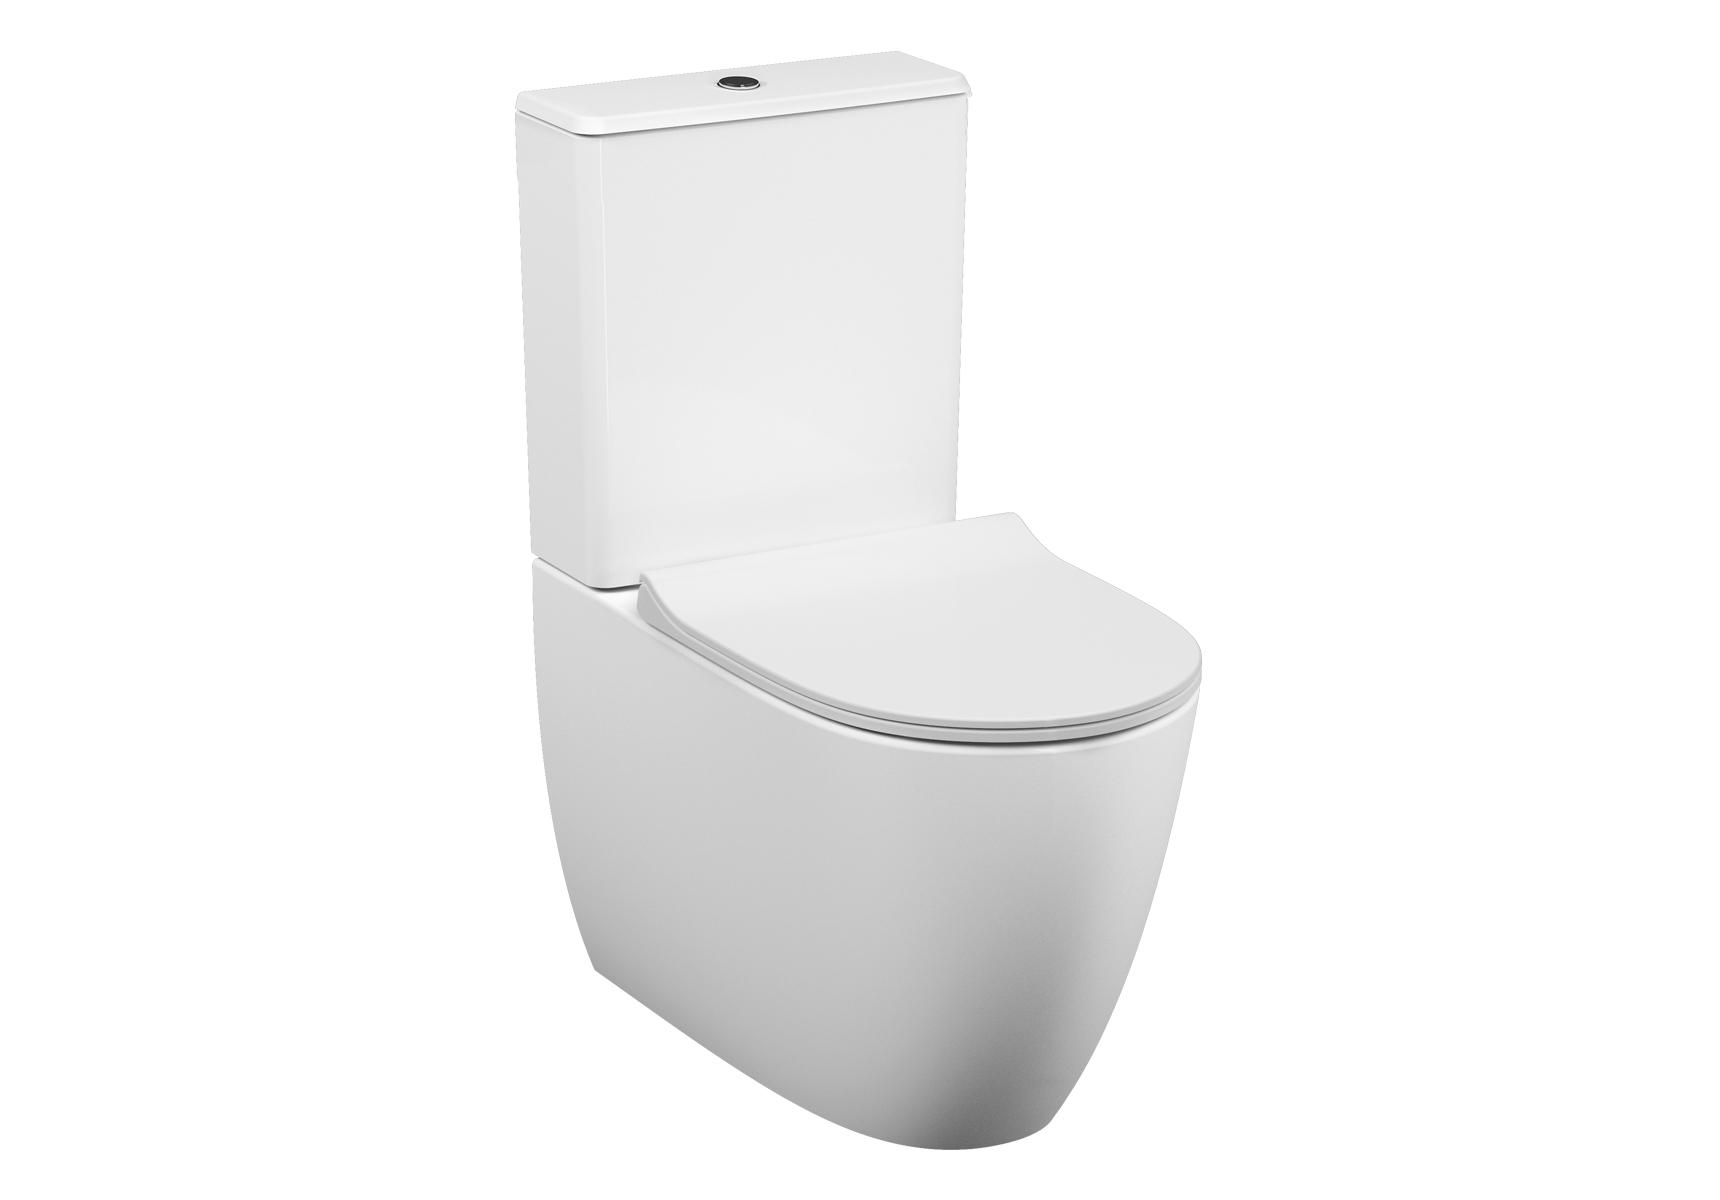 Sento WC à poser sans bride, BTW, sortie universel, raccord d'eau sur côté, 65 cm